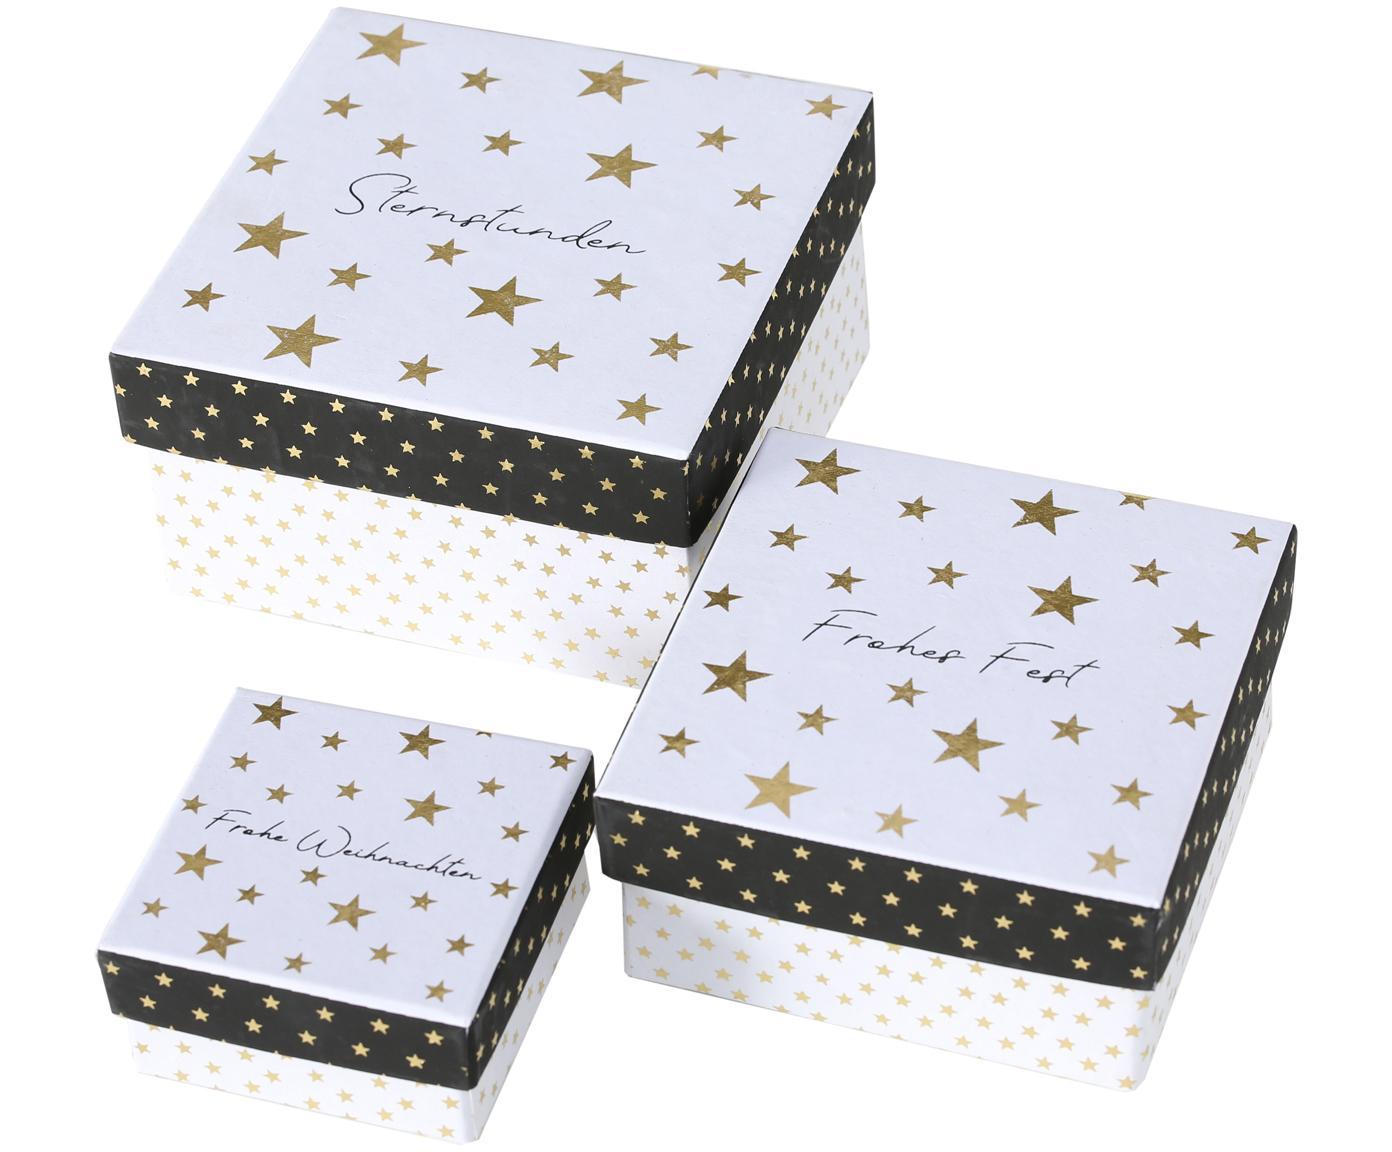 Geschenkboxen-Set Nica, 3-tlg., Papier, Schwarz, Weiß, Goldfarben, Sondergrößen